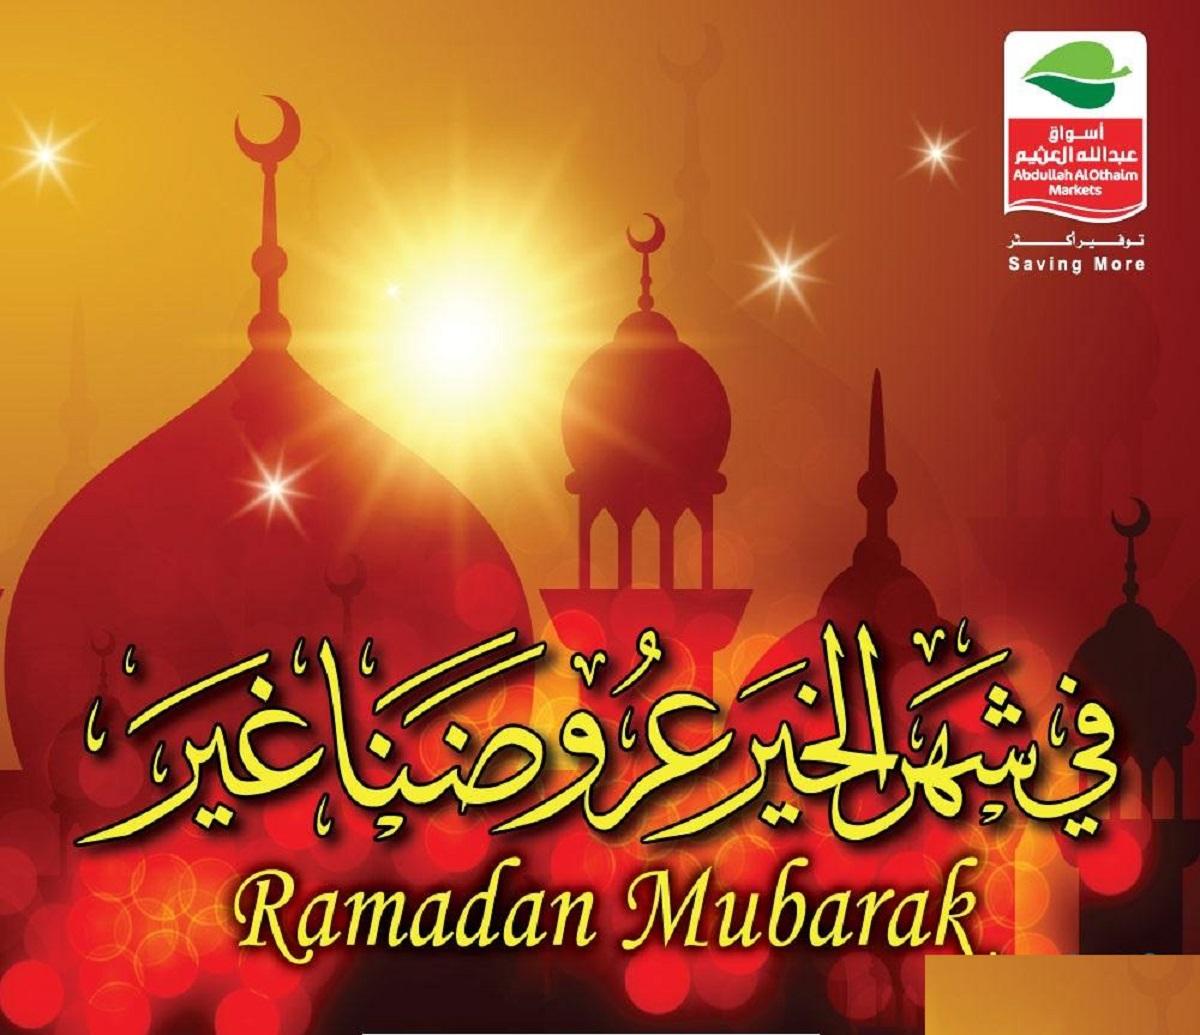 أجدد عروض أسواق العثيم بمناسبة رمضان